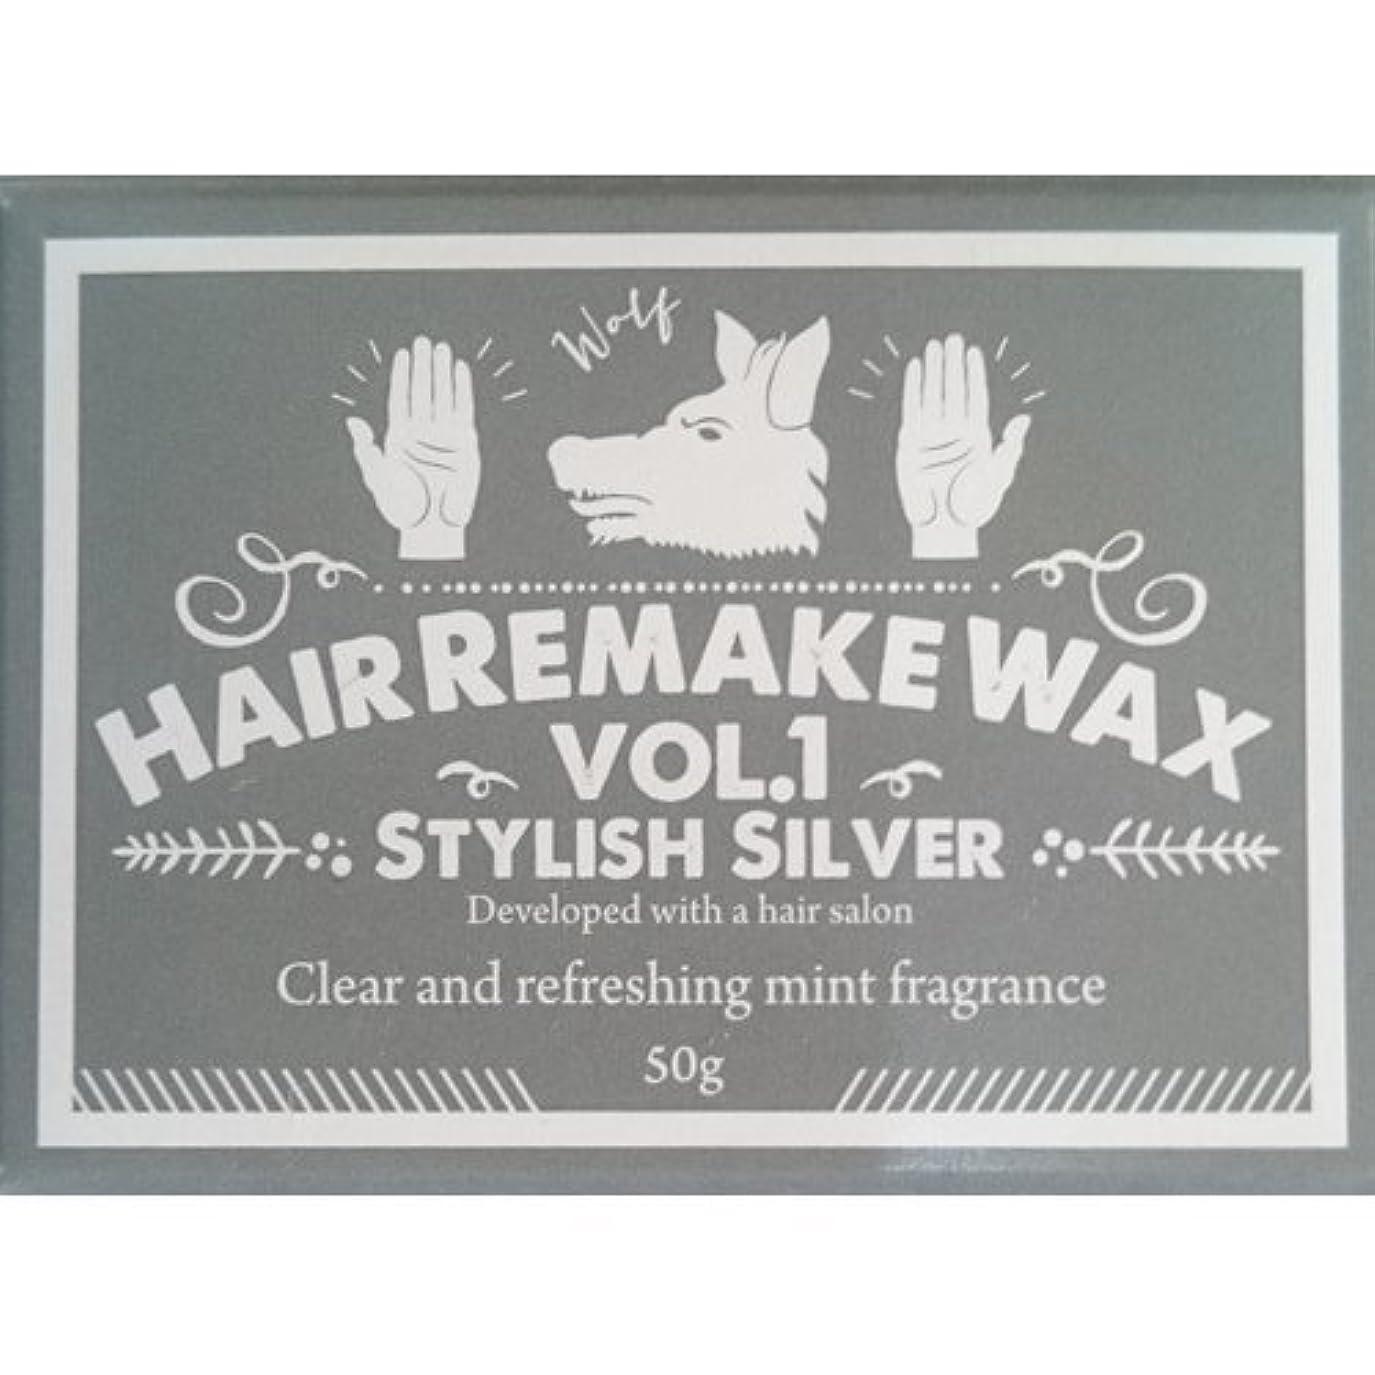 手配するマトロン侮辱パーティー 変装 銀髪用 Hair Remake(ヘアーリメイクワックス)WAX Vol.1 スタイリッシュシルバー 50g